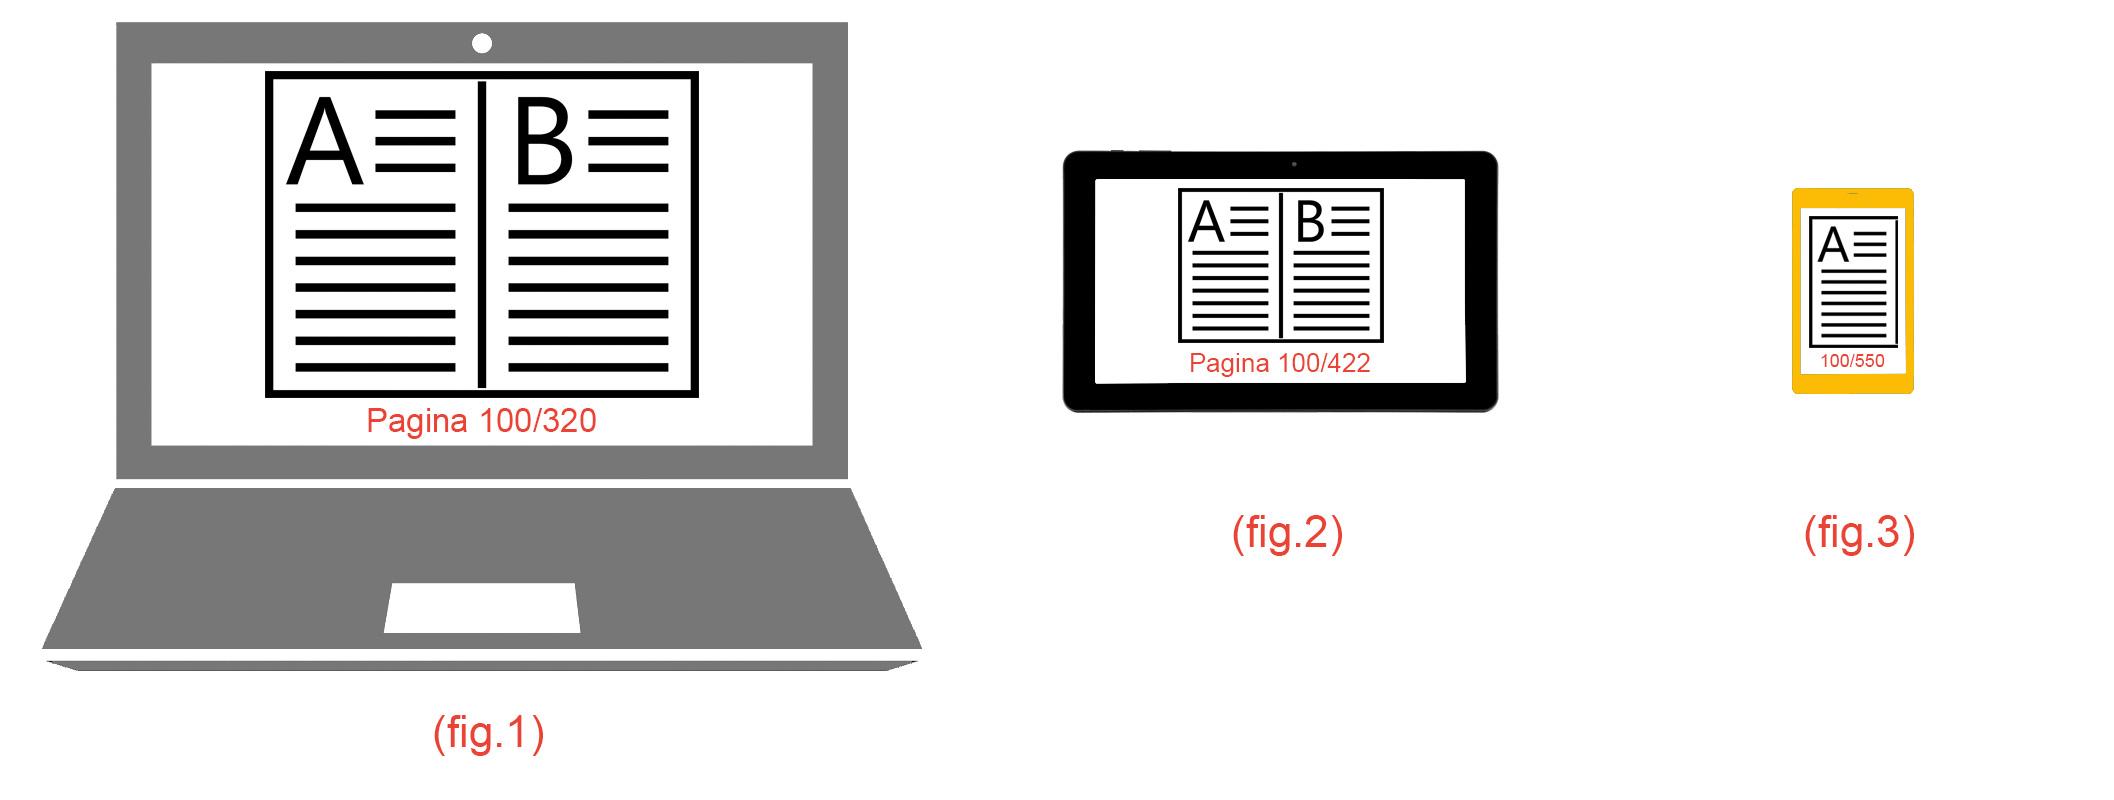 Numero di pagine diverse per diversi dispositivi con il formato epub